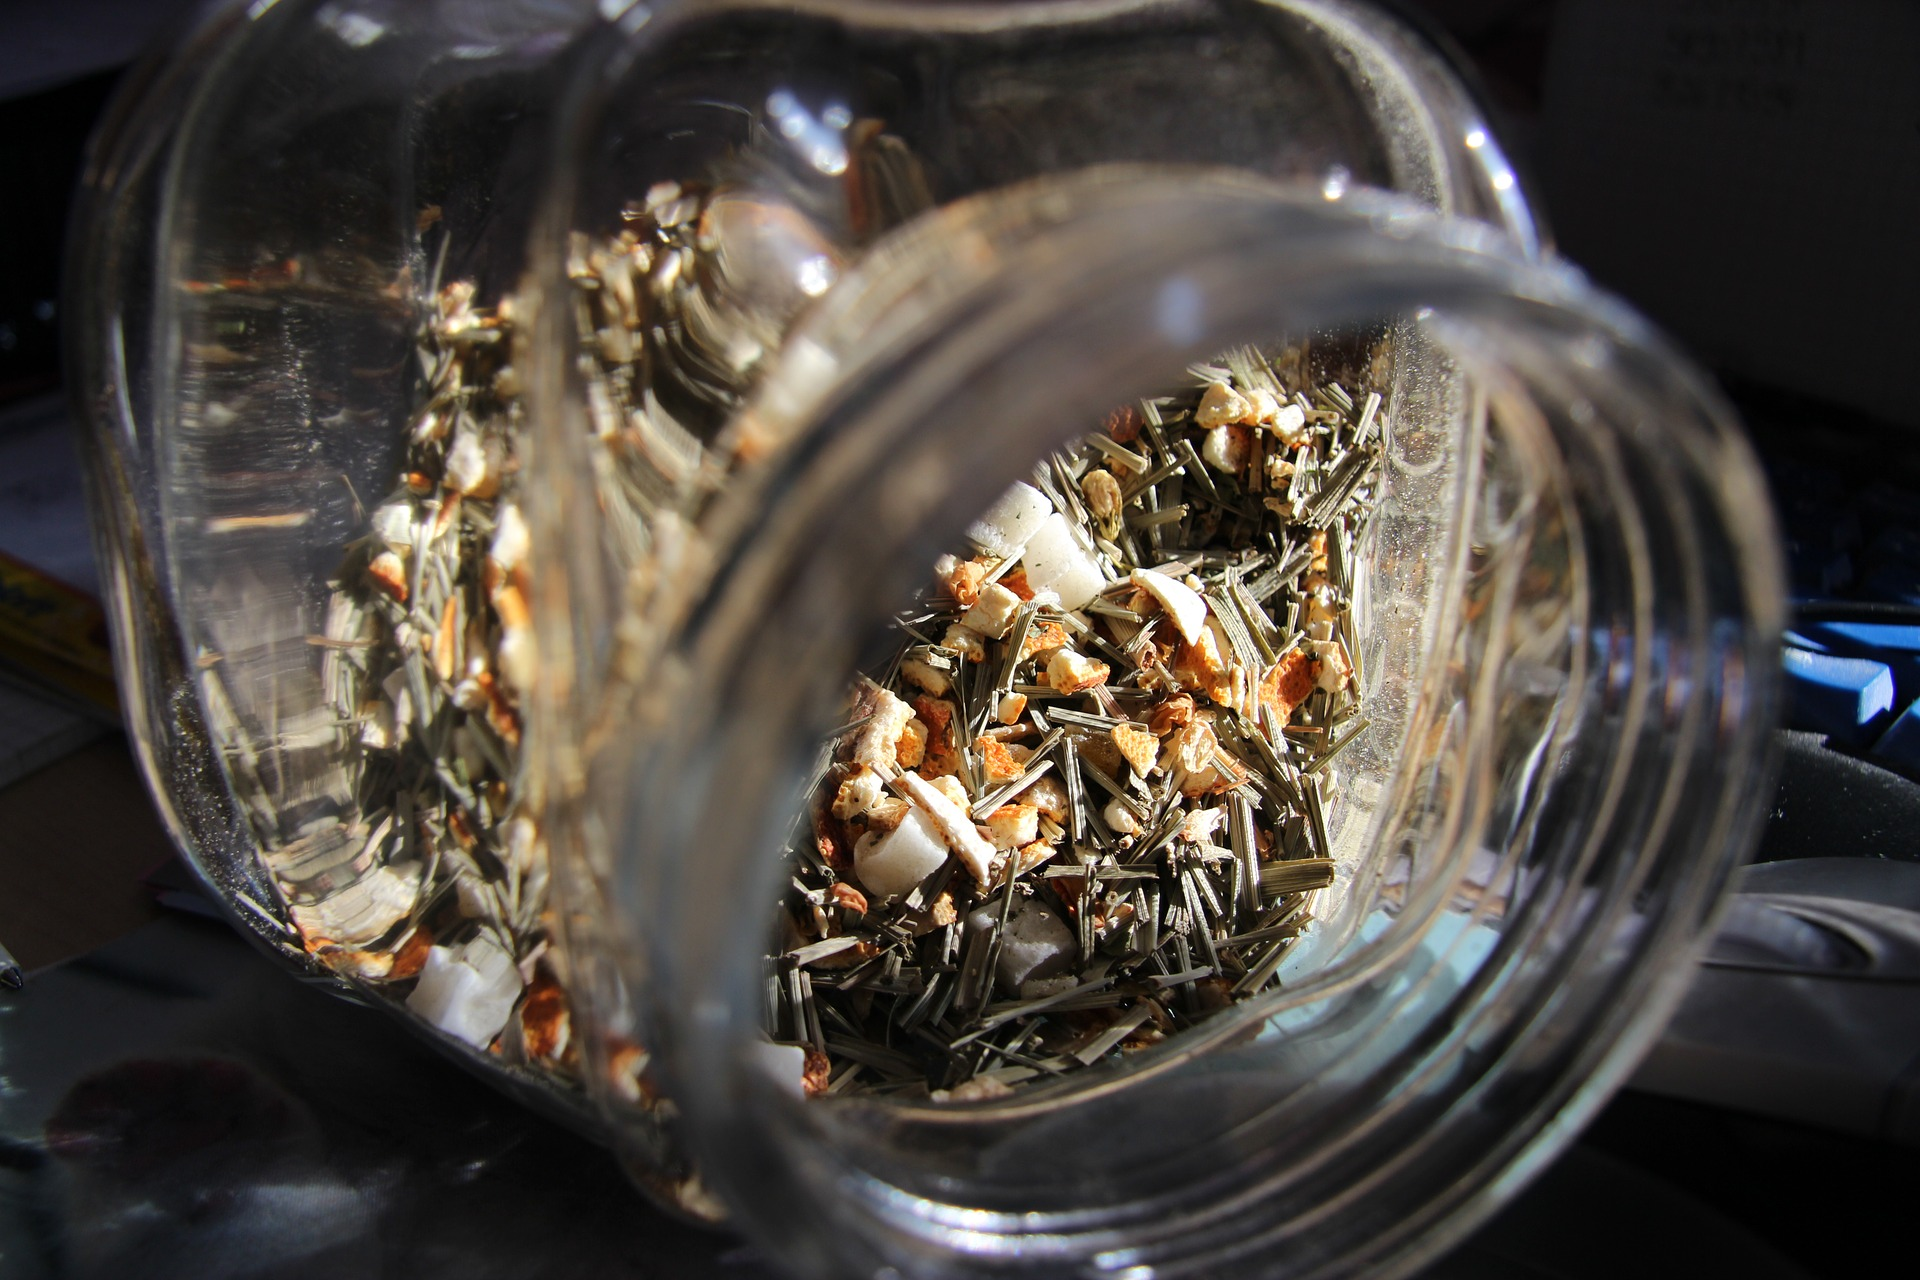 Kräuterkraft-Wochenendtipp: Wie man eine Teemischung herstellt